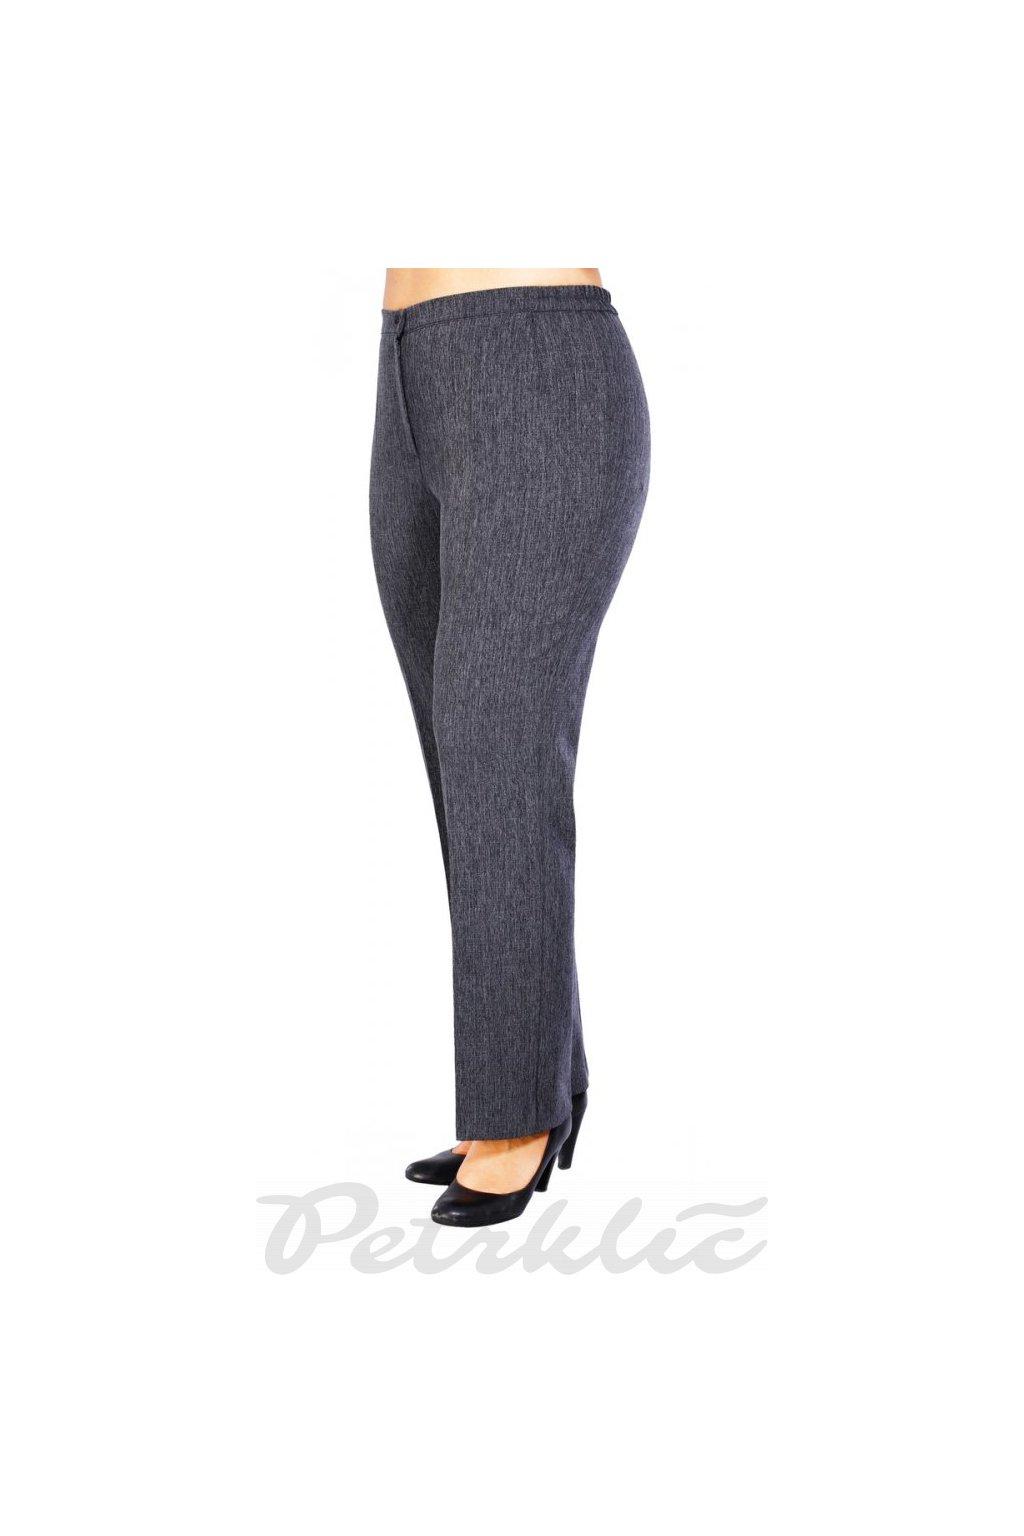 ALEX - kalhoty vnitřní 70 cm